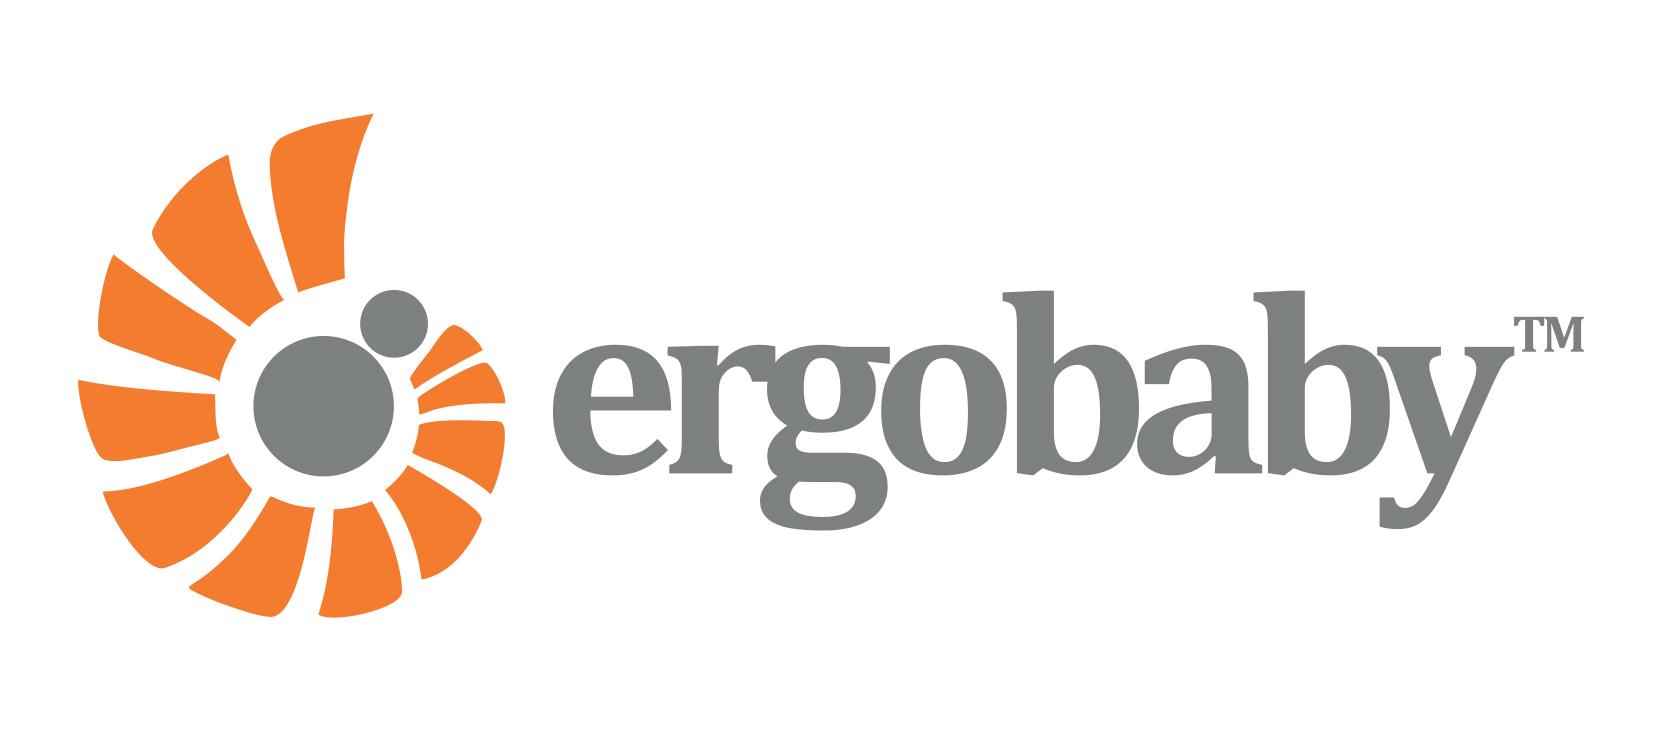 EB Horizontal Logo_RGB.jpg